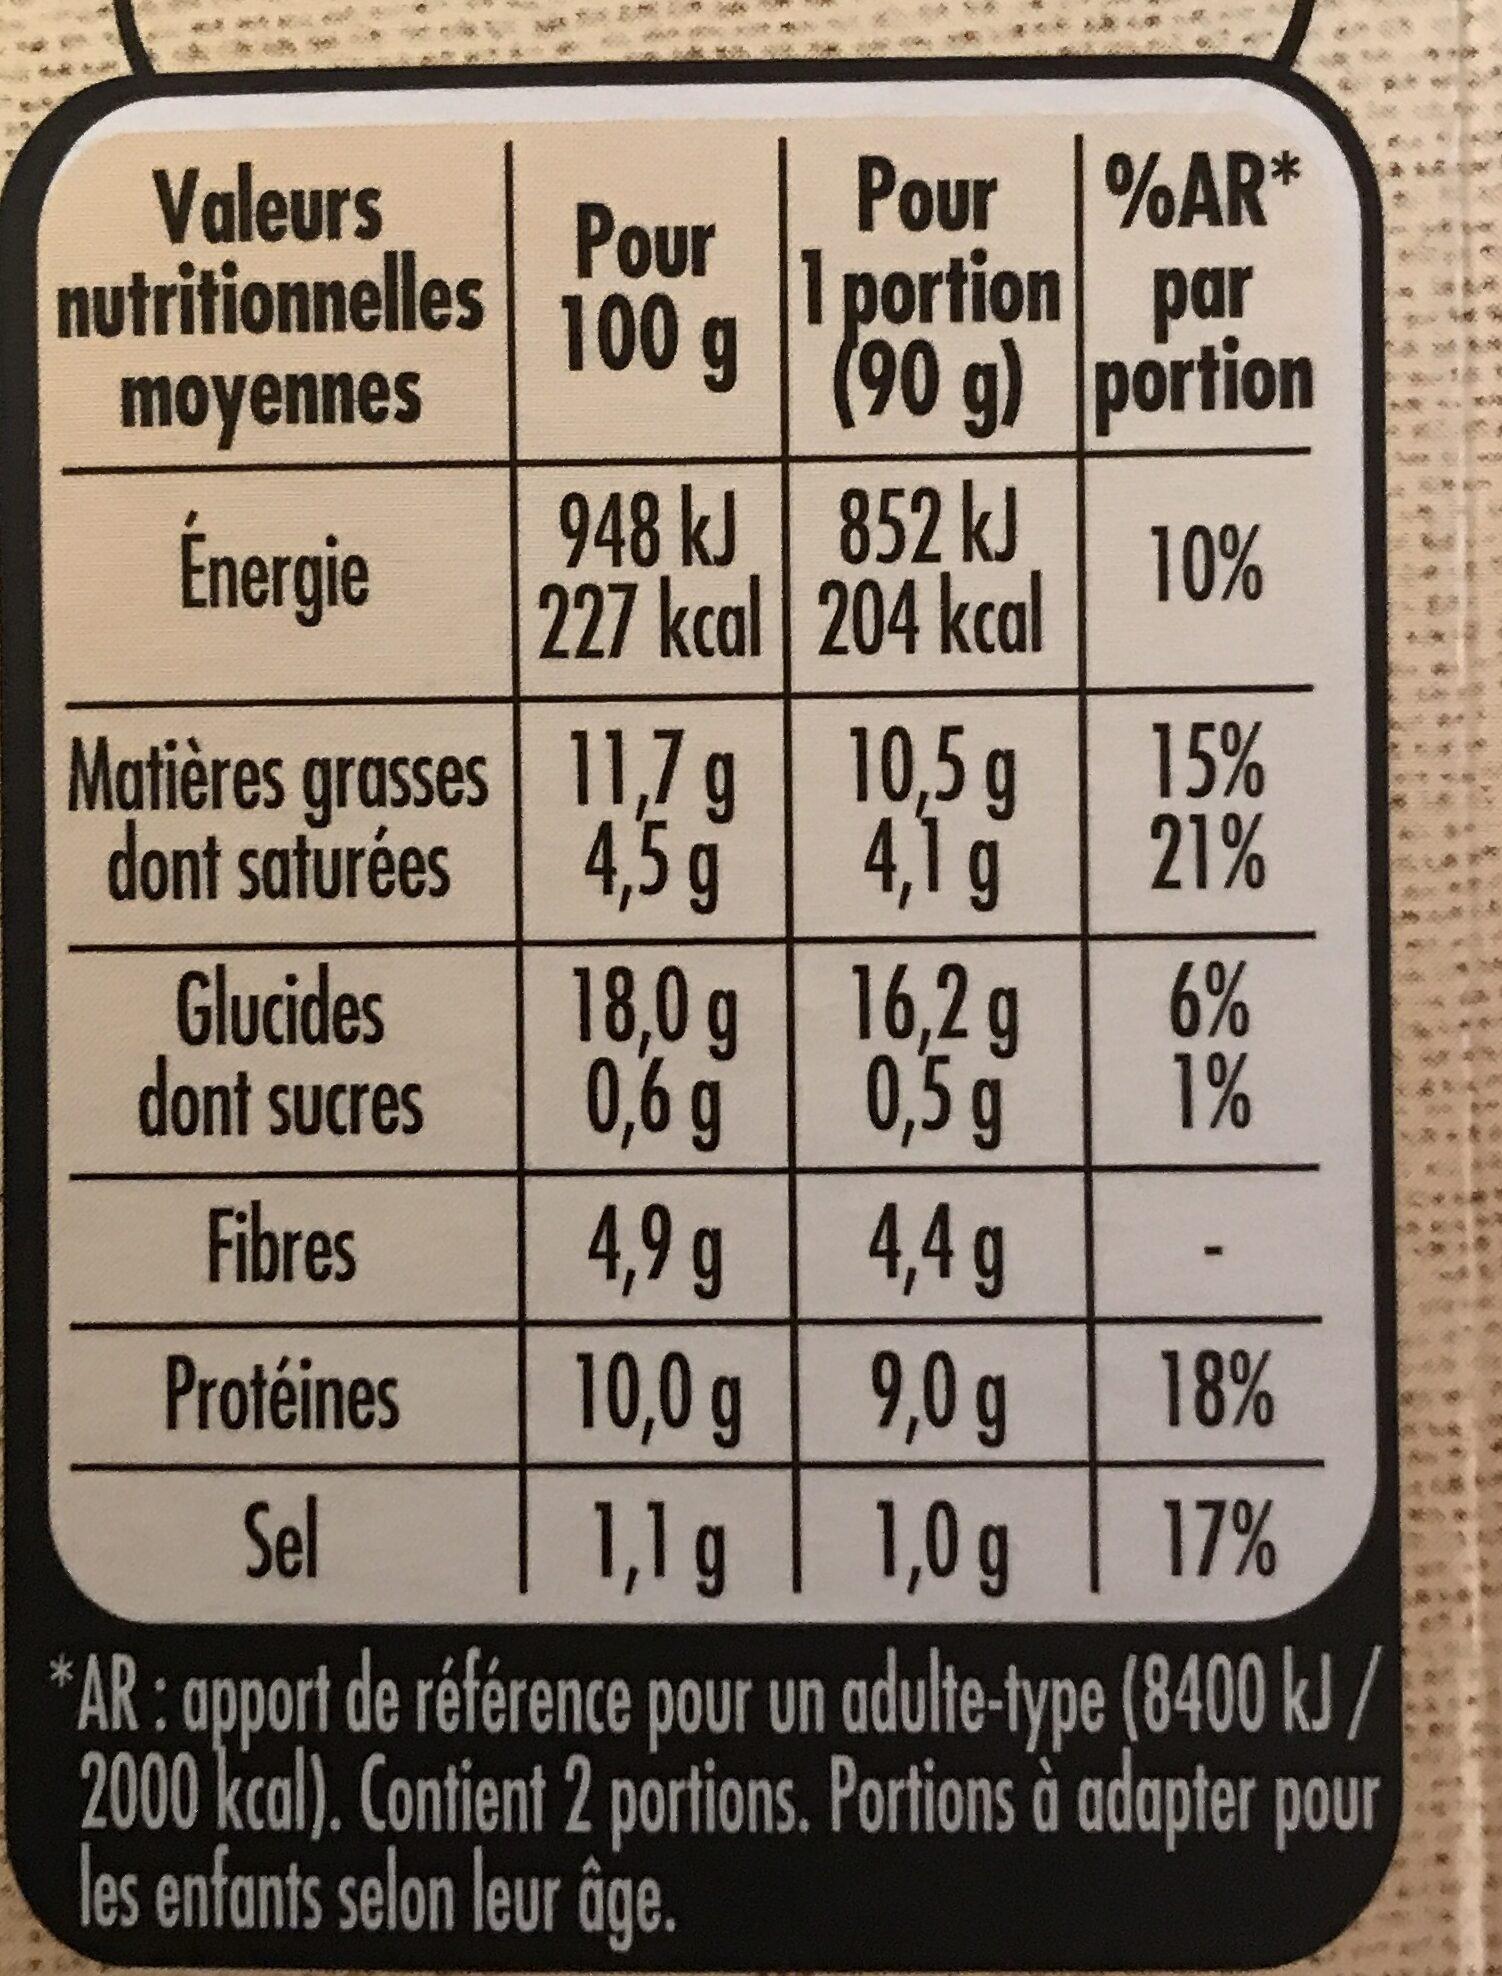 Le bon végétal épinards et fromage - Informations nutritionnelles